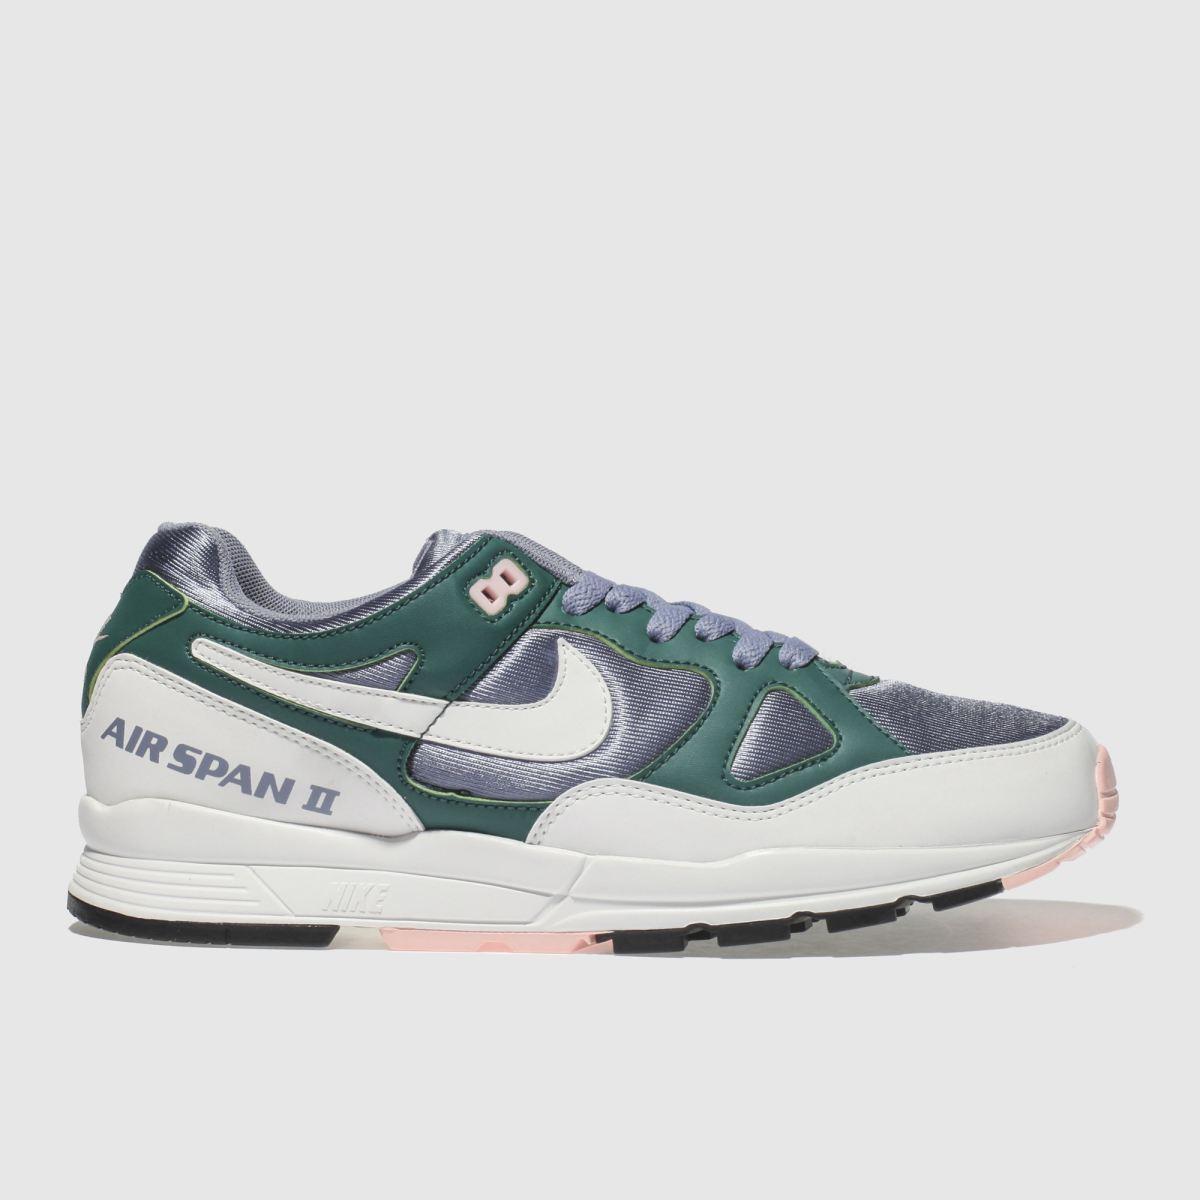 Nike White & Blue Air Span Ii Trainers